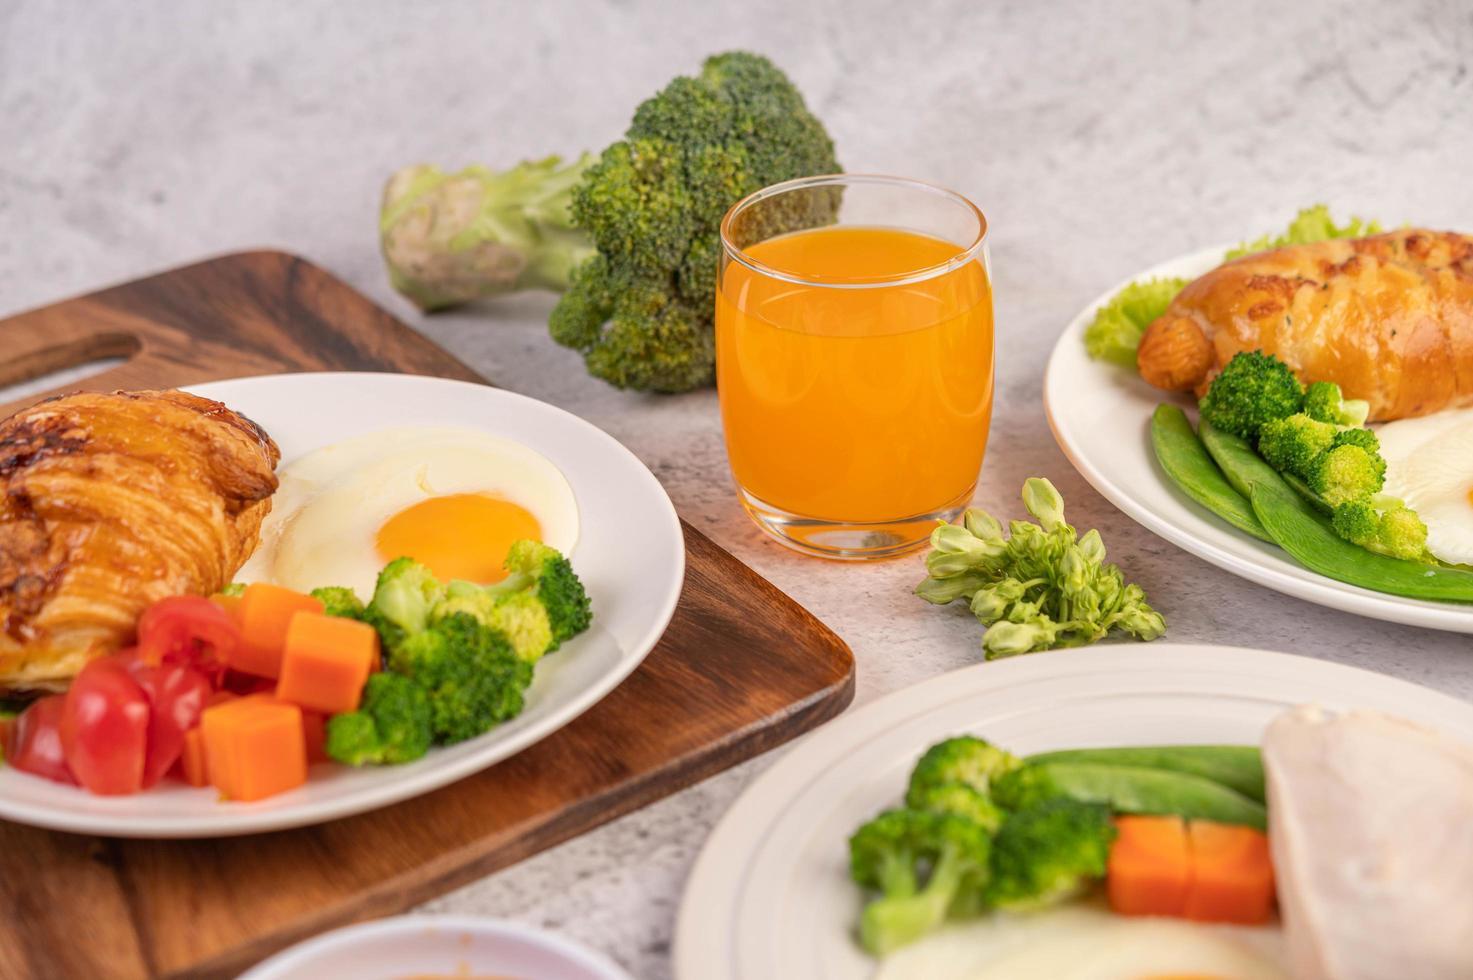 ontbijtbeleg van kip, gebakken eieren, broccoli, wortelen, tomaten en sla foto